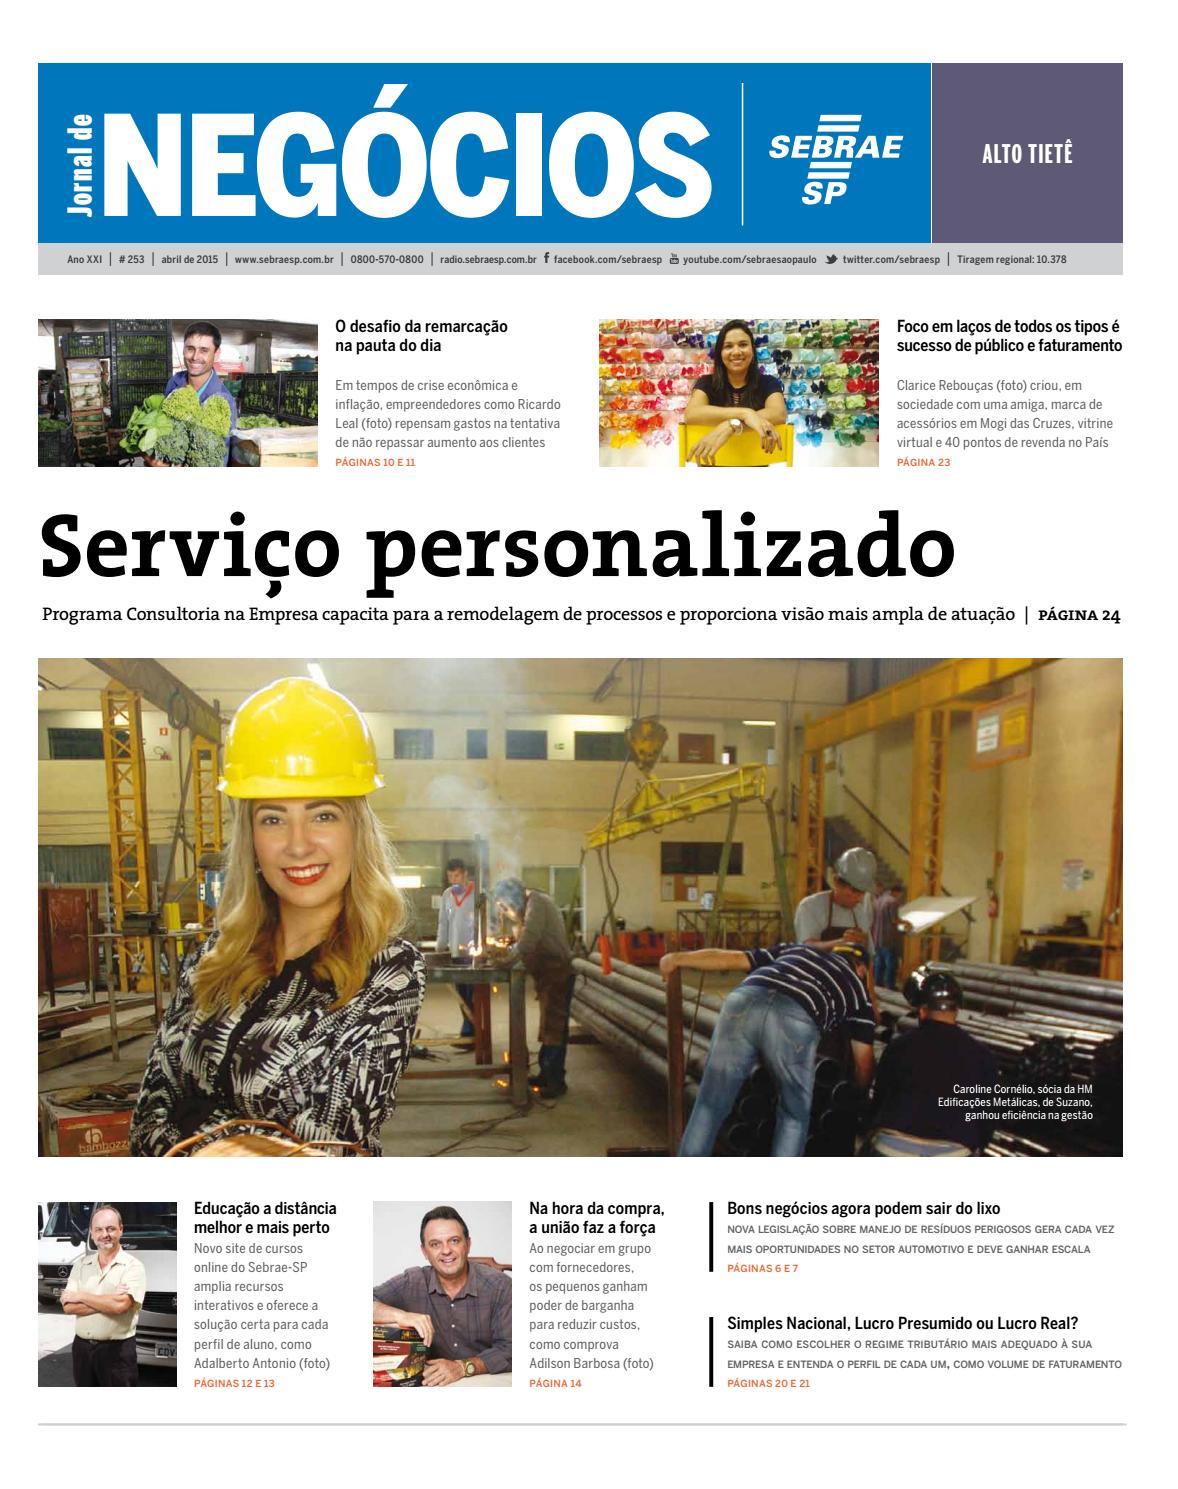 Jornal de Negócios Sebrae-SP - 01 de Abril de 2015 - Alto Tietê e região by  Sebrae-SP - issuu a4561c2f2d